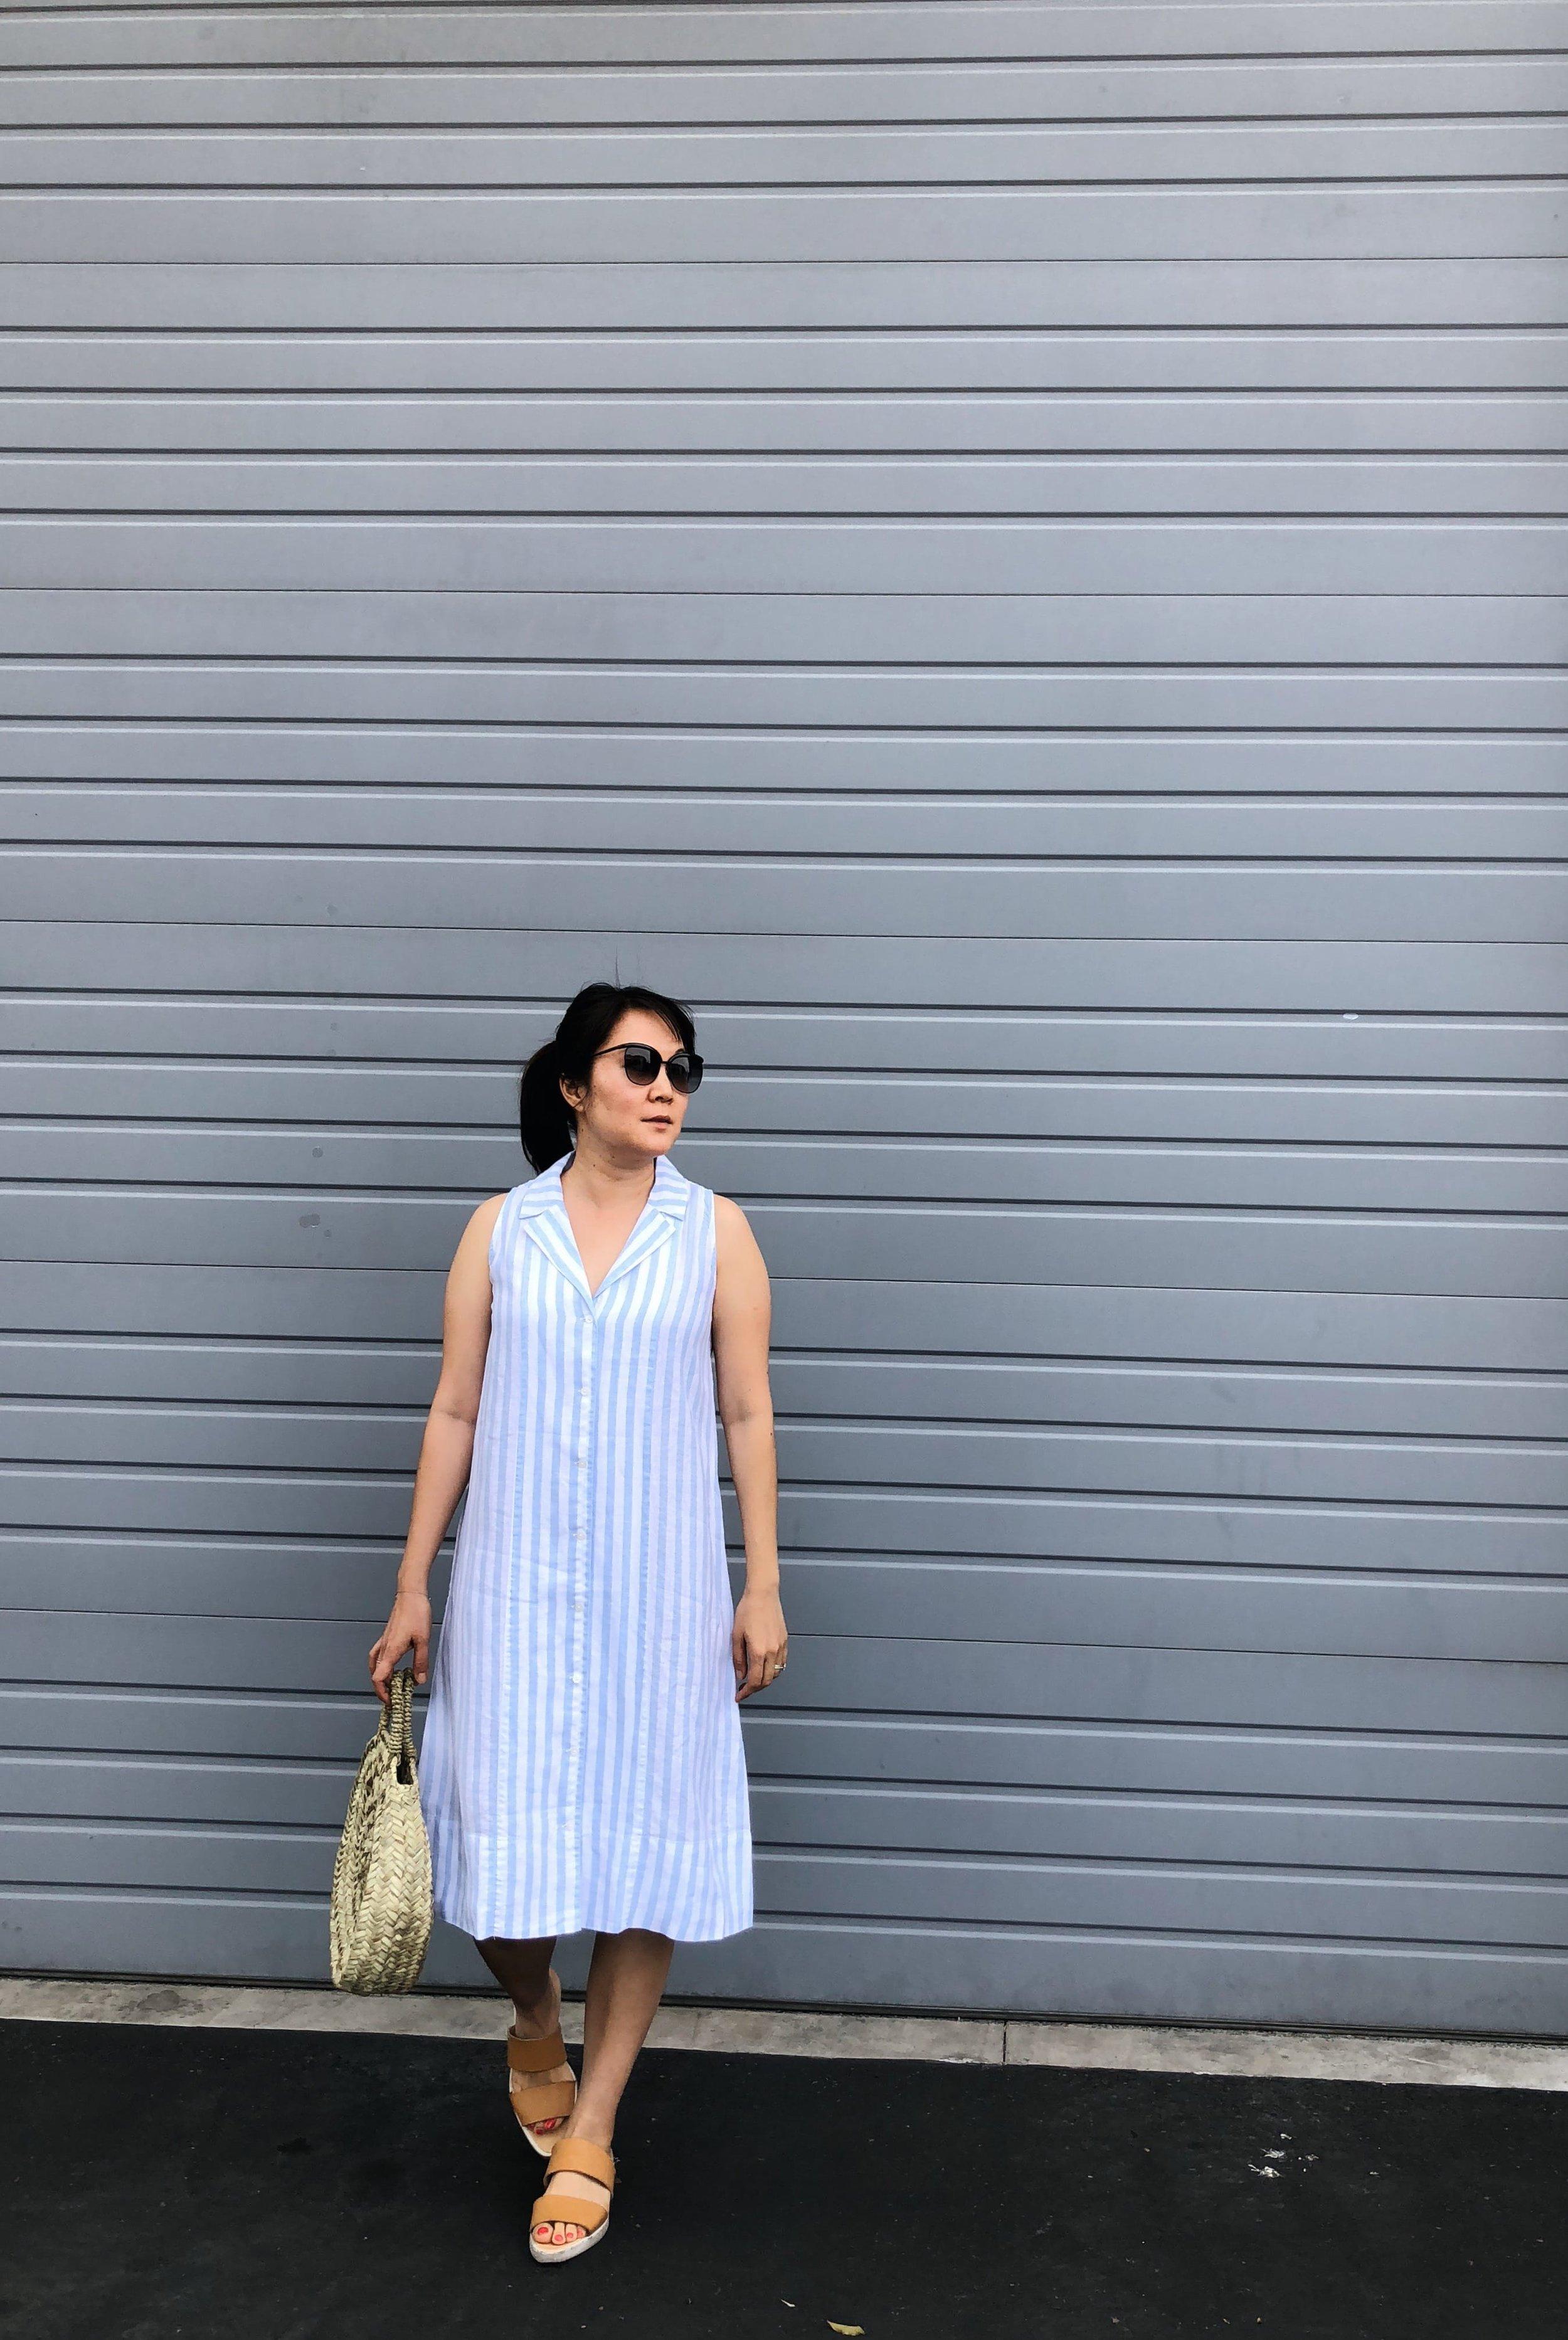 Everlane The Linen Sleeveless Shirtdress Review